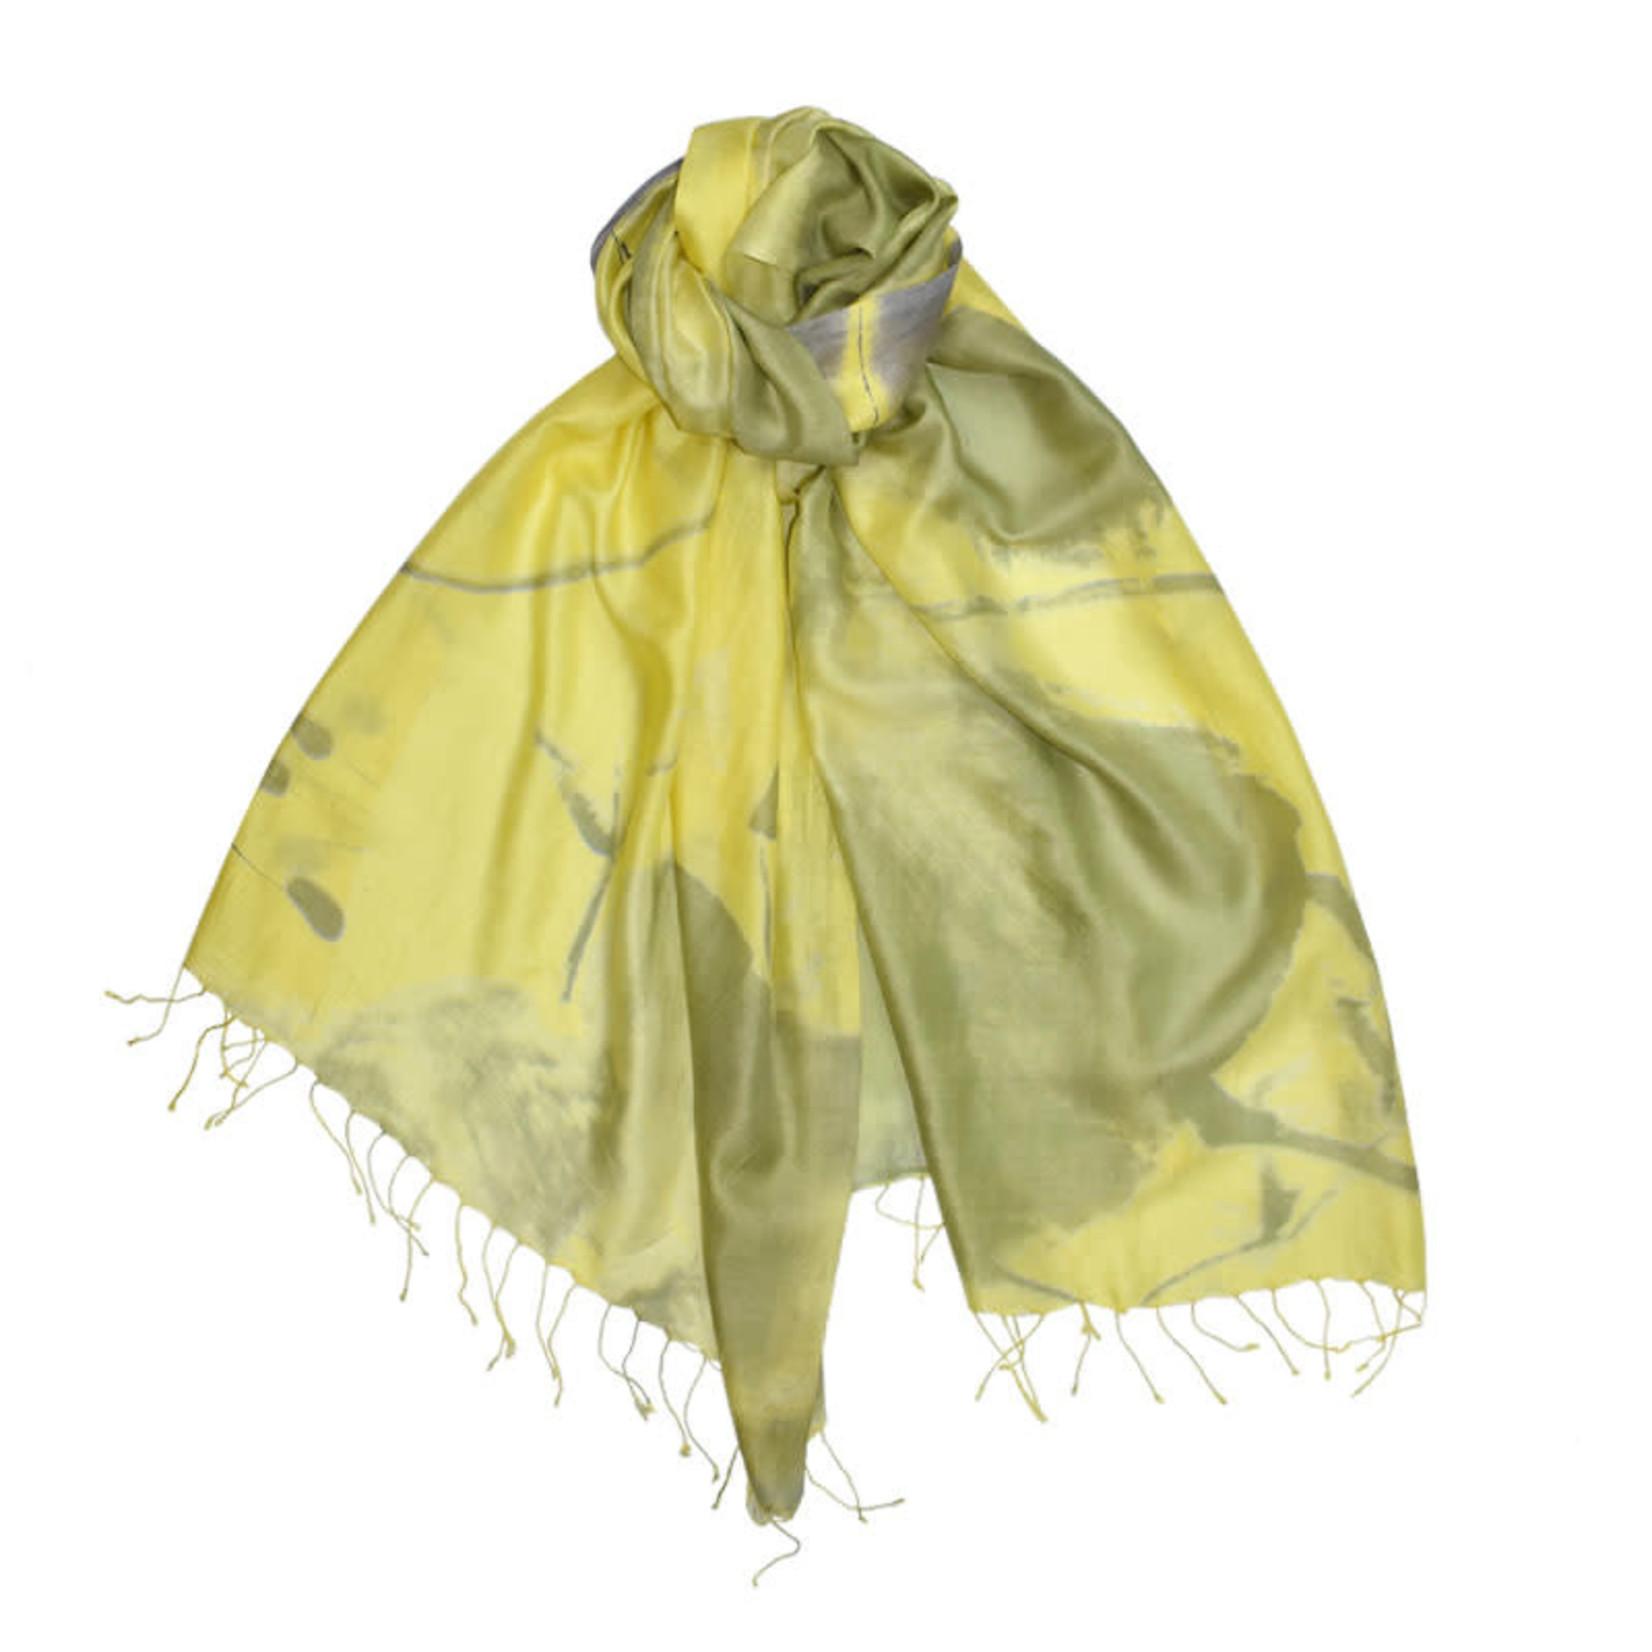 100%HandwovenSilk/JapaneseBrushStroke/Floral/Yellow/Green